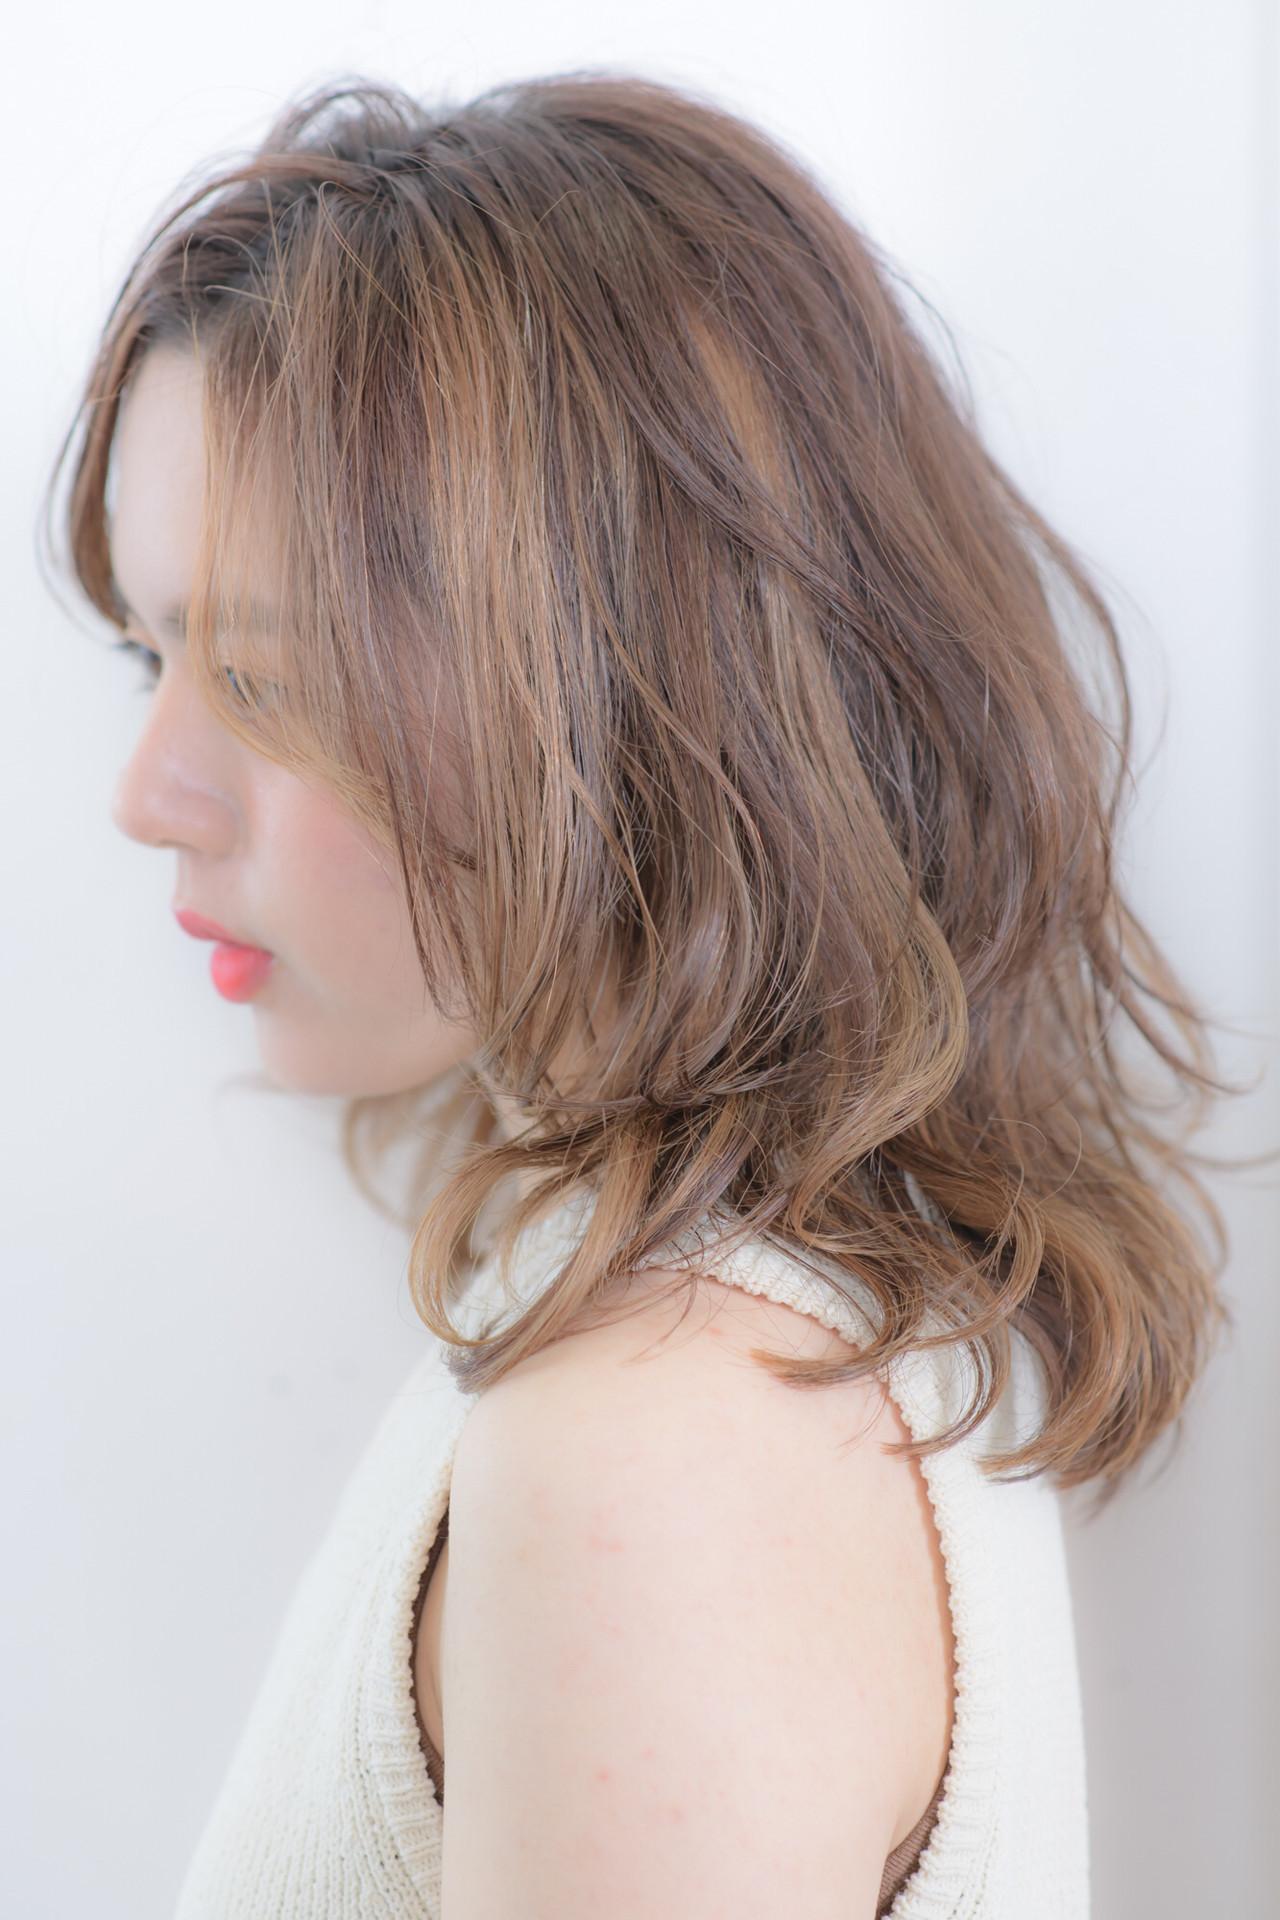 ニュアンスウルフ ハイライト 透明感カラー ナチュラル ヘアスタイルや髪型の写真・画像